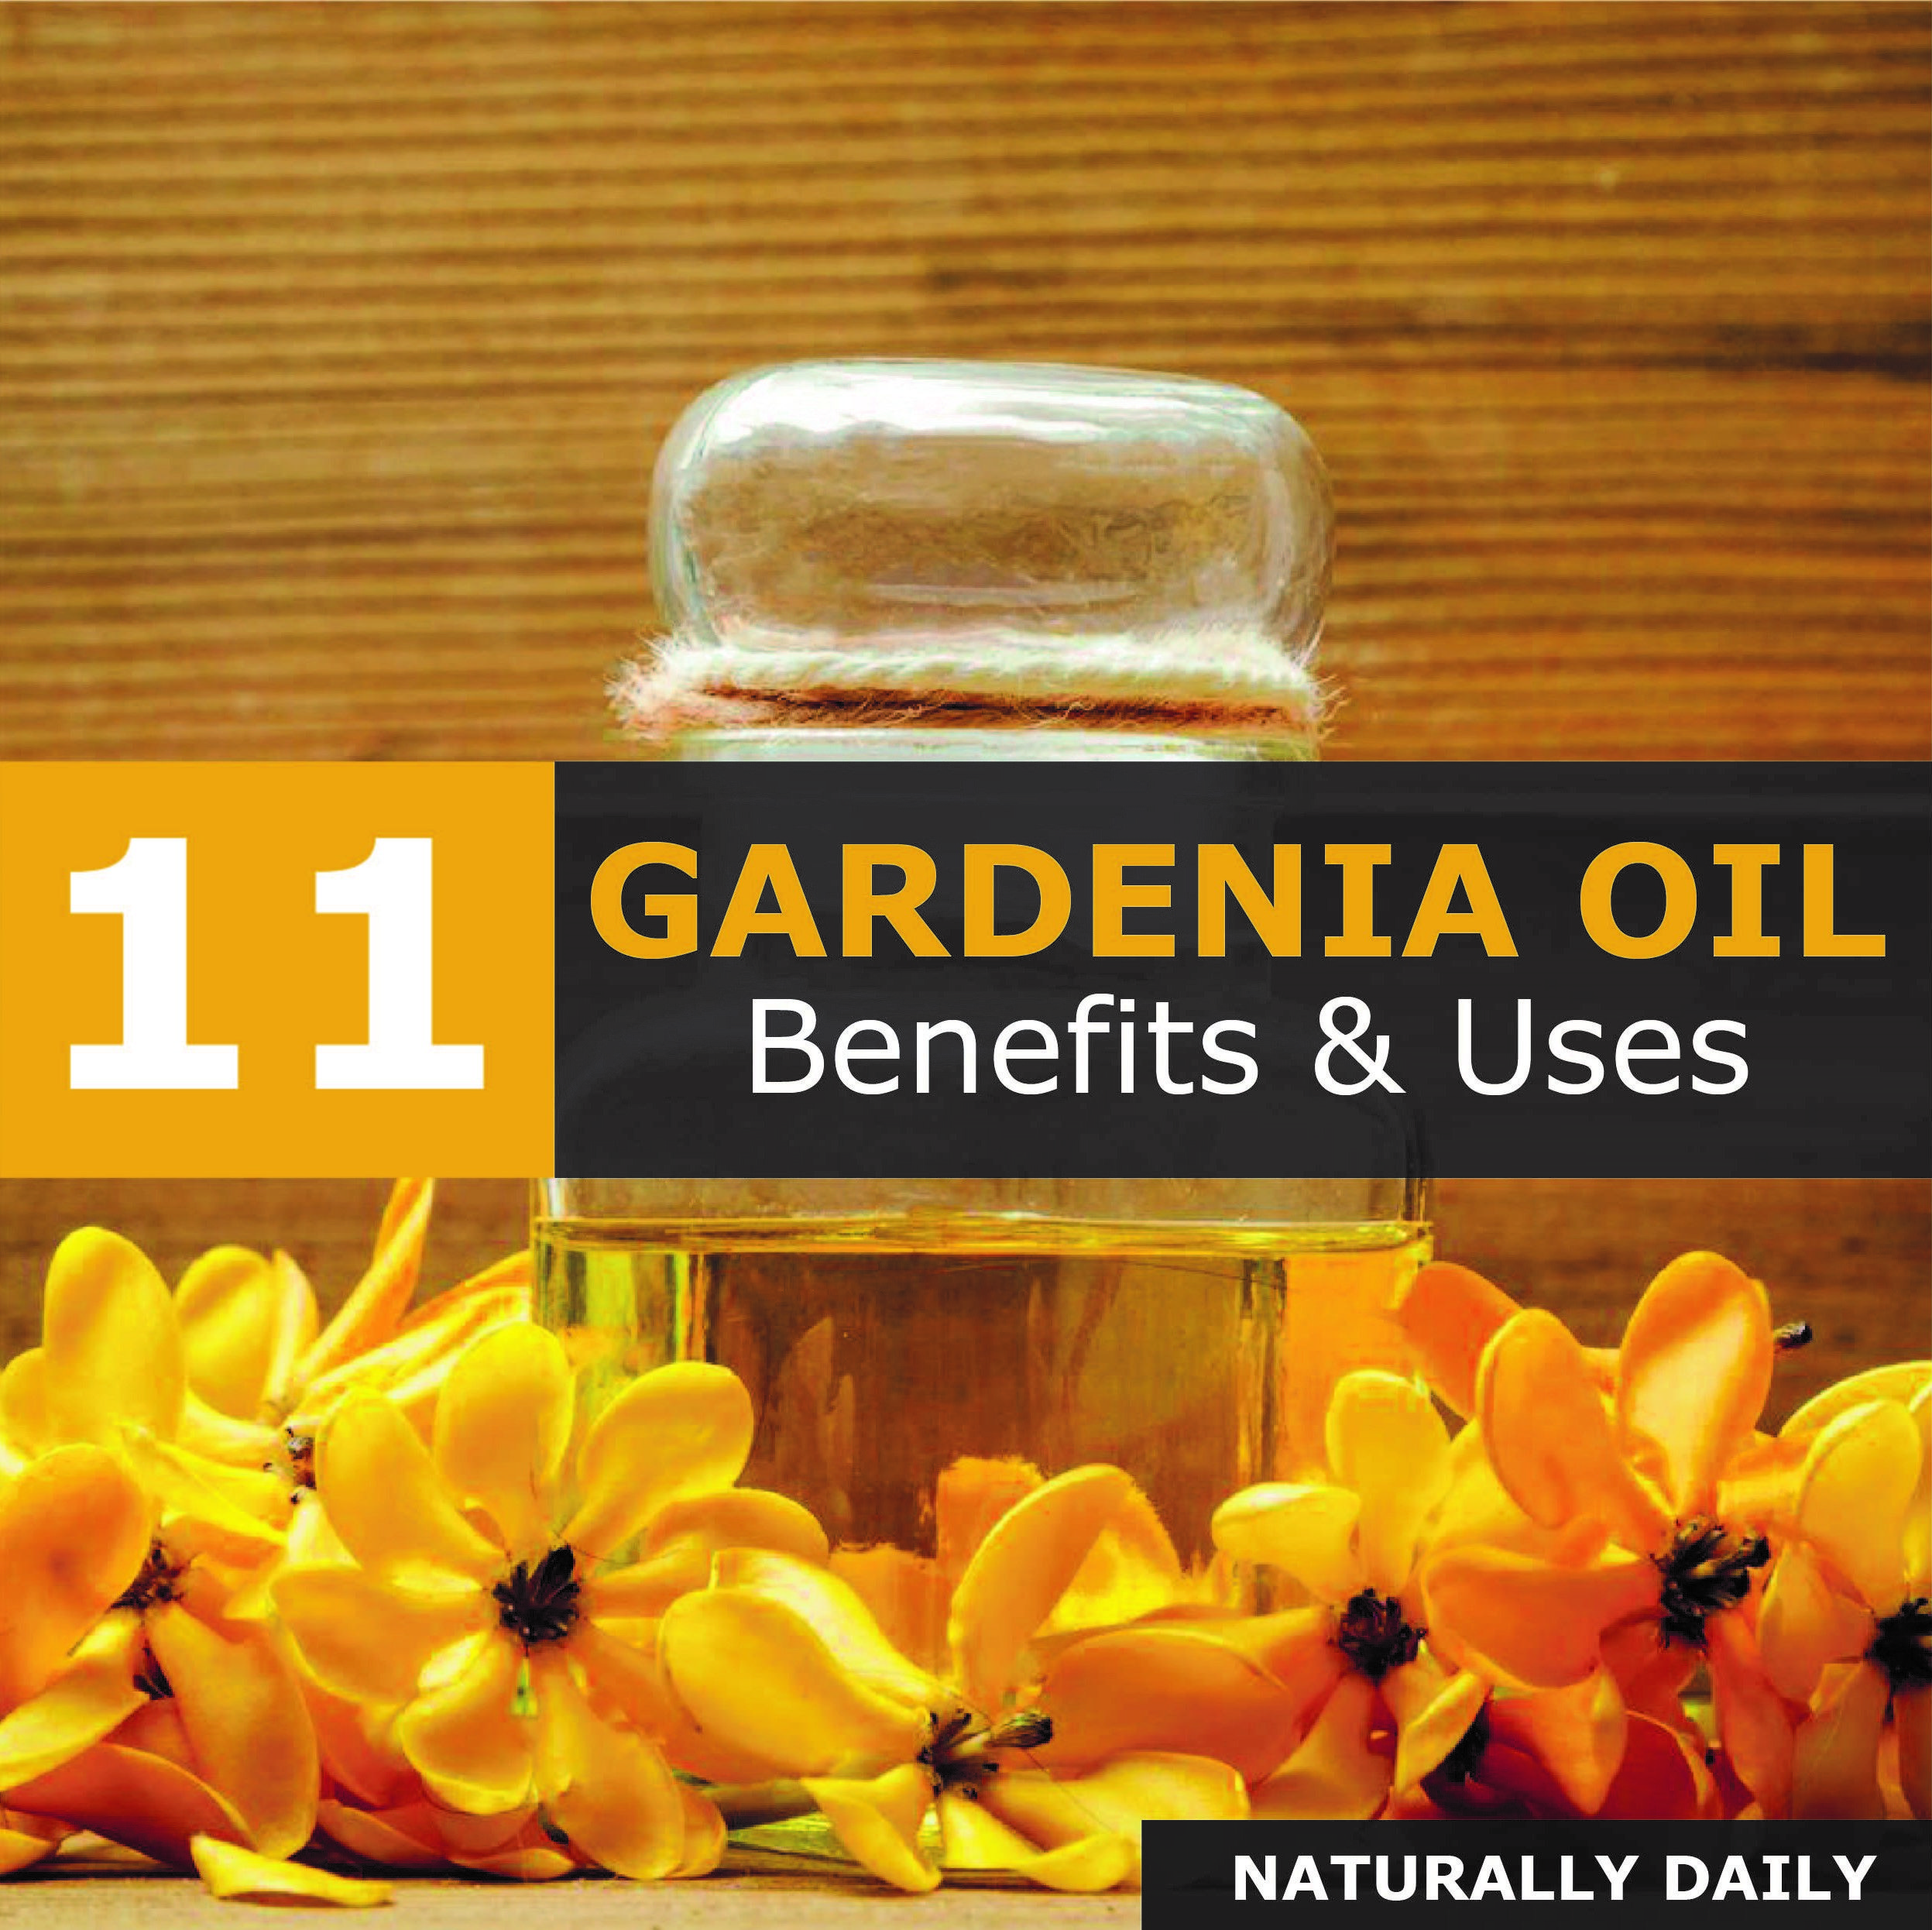 Gardenia Essential Oil 11 Surprising Benefits Uses Gardenia Essential Oil Gardenia Oil Benefits